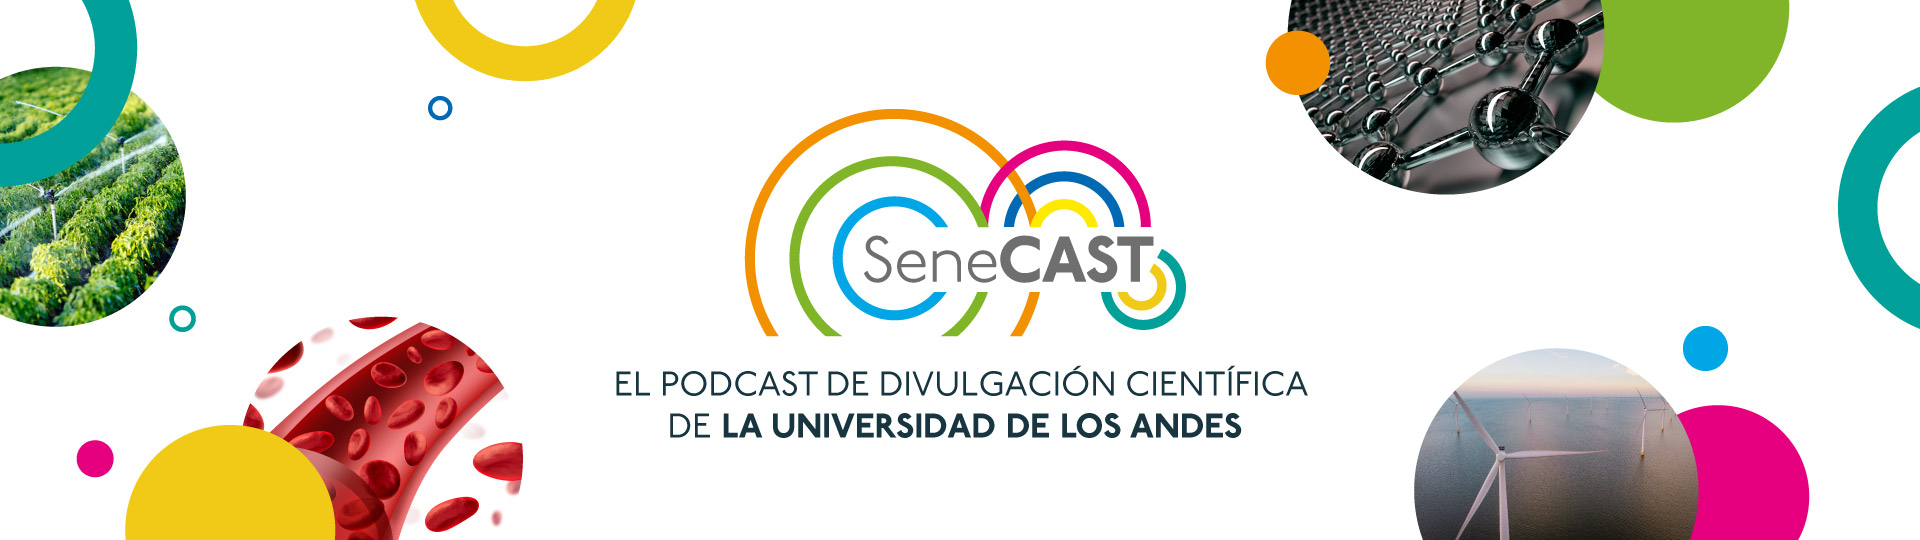 SeneCAST, el nuevo podcast de divulgación científica de la Universidad de los Andes